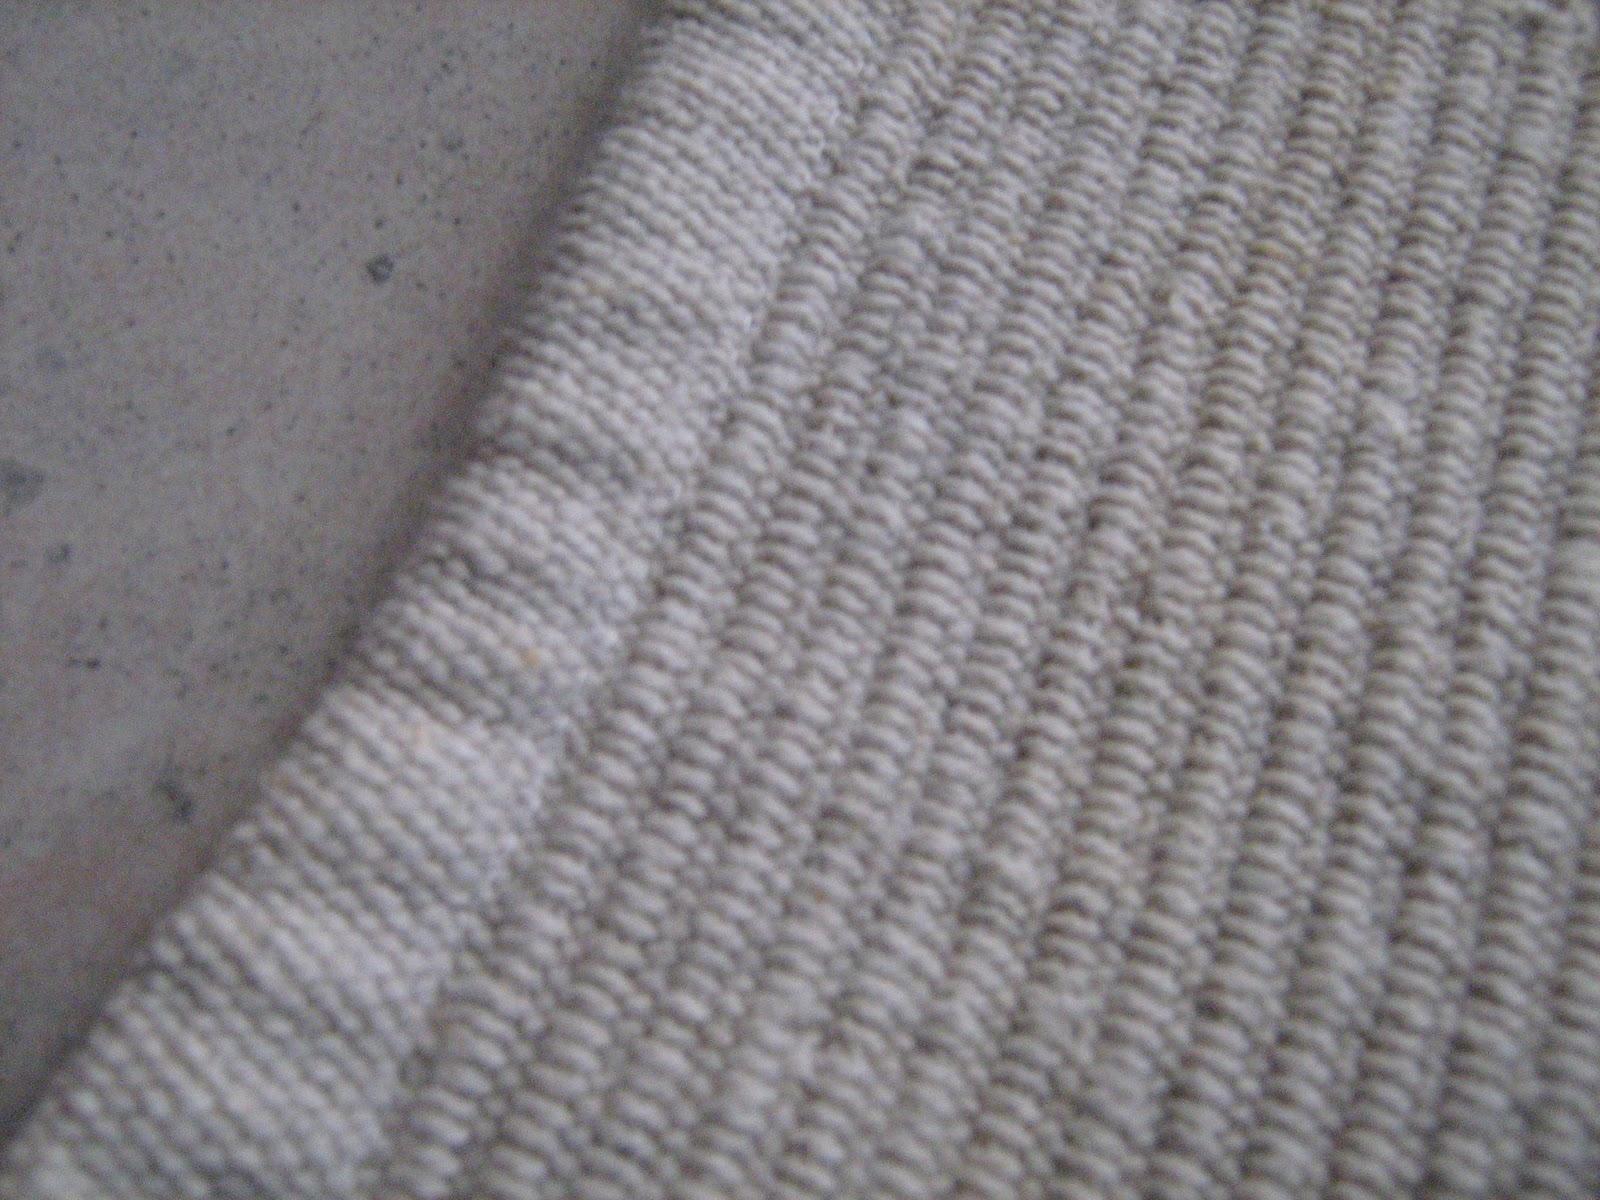 Tappeti In Corda | I Tappeti In Vinile Di Beija Flor Blog Arredamento